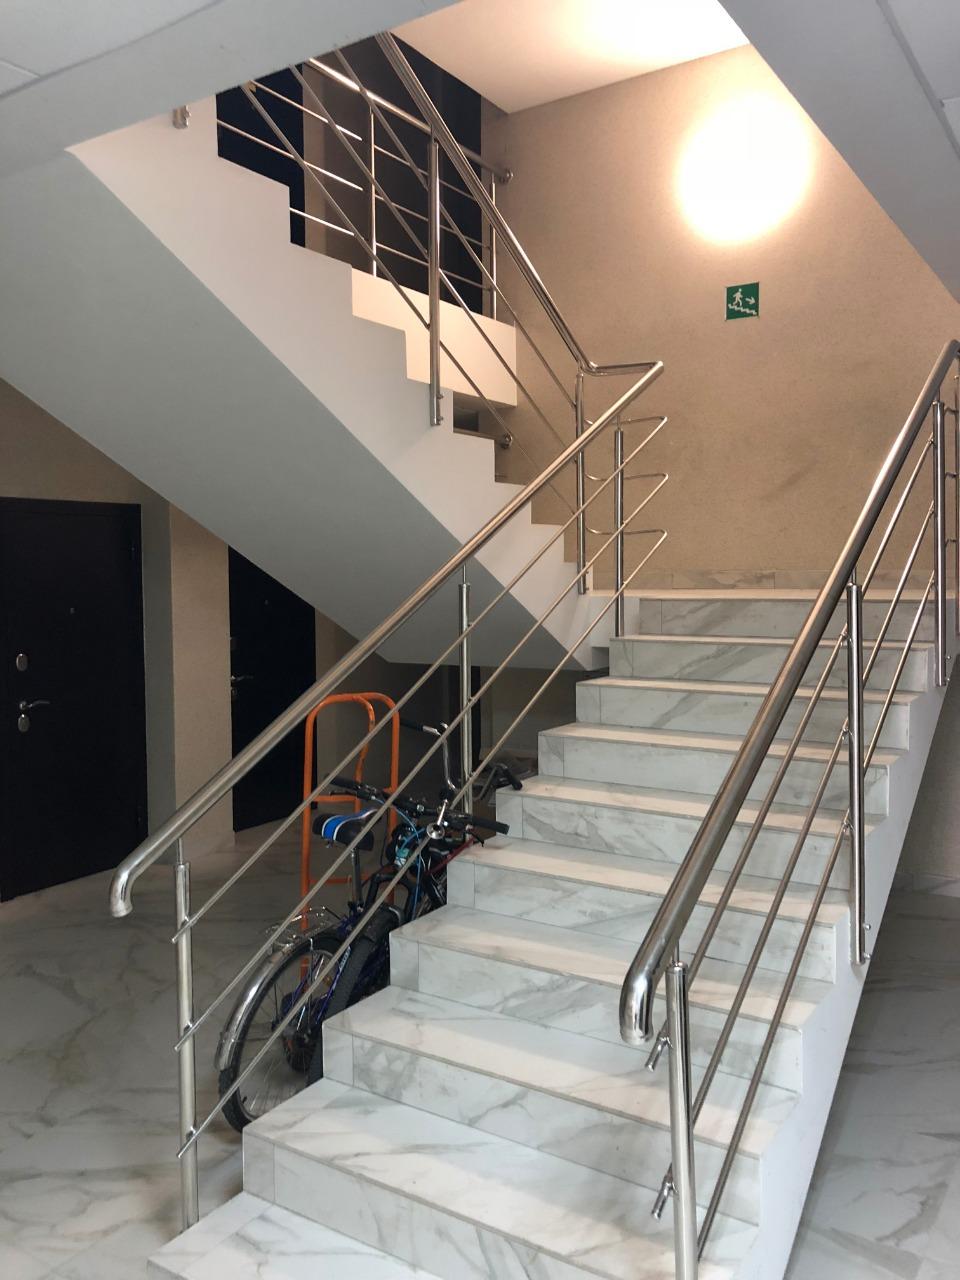 Продам - квартира в Дагомысе -Армавирская  - цена: 3900000